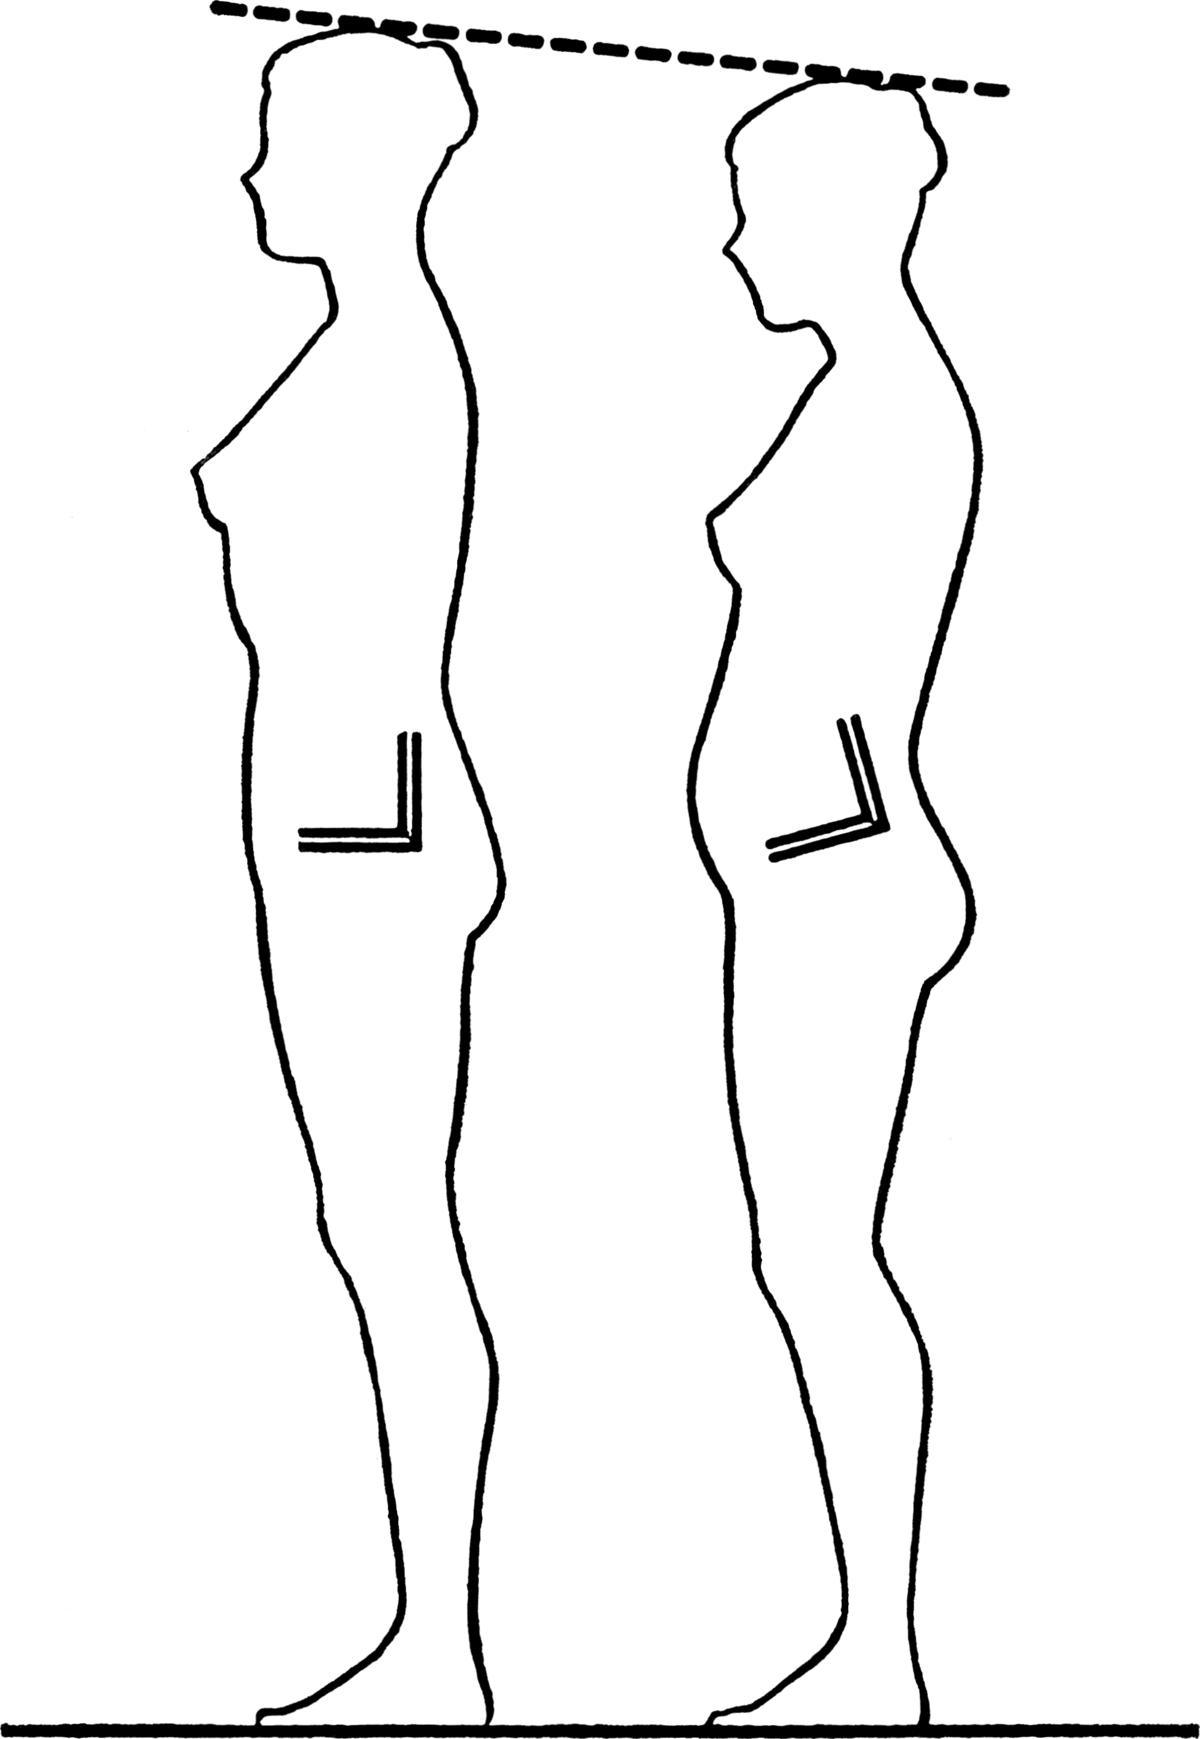 Pelvic tilt - Wikipedia